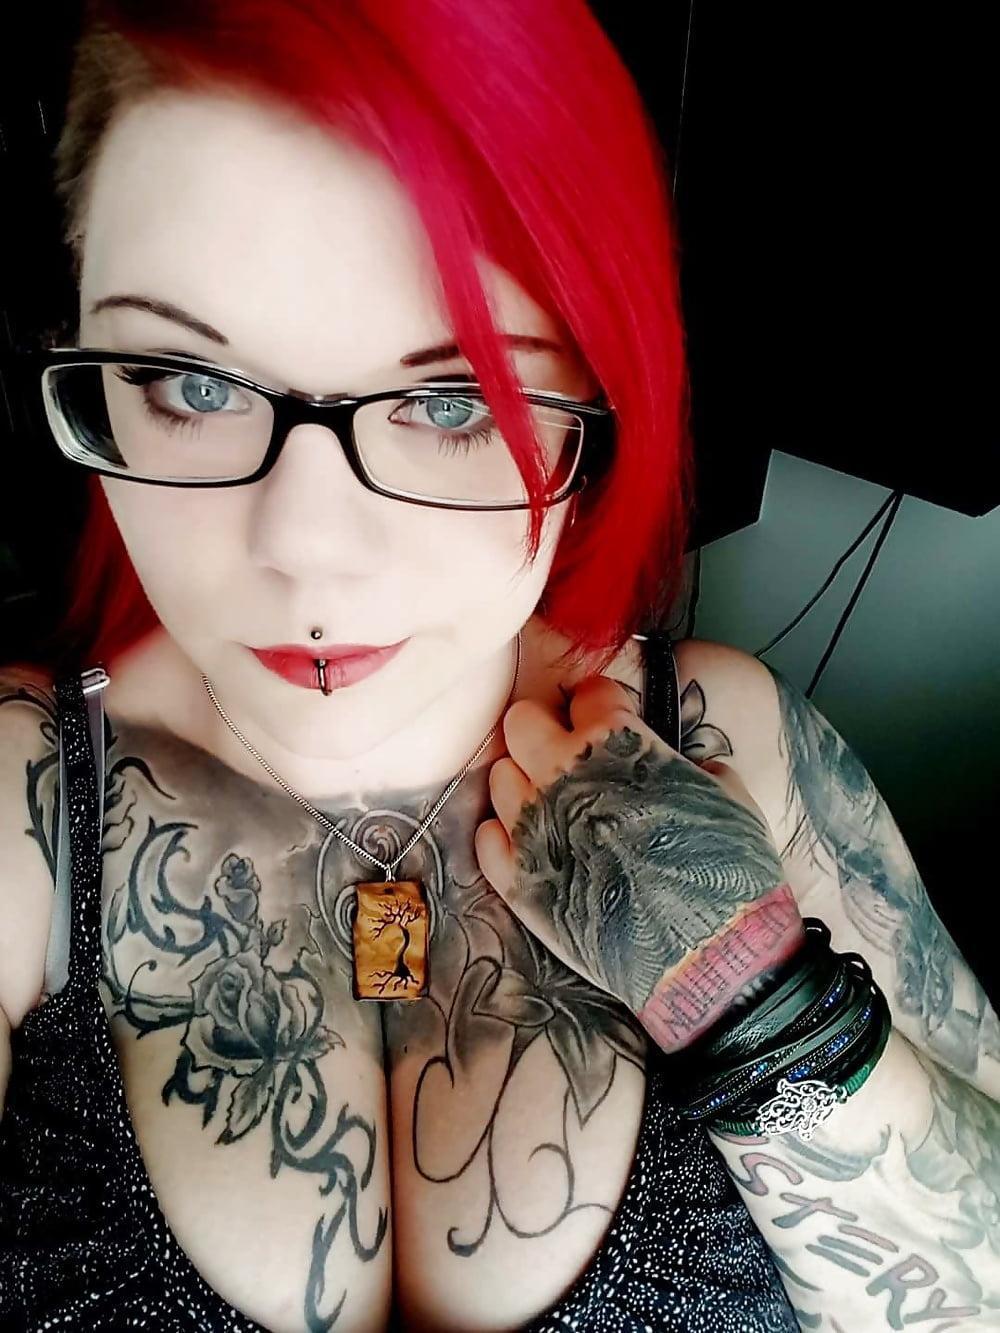 punkgirl aus Nordrhein-Westfalen,Deutschland